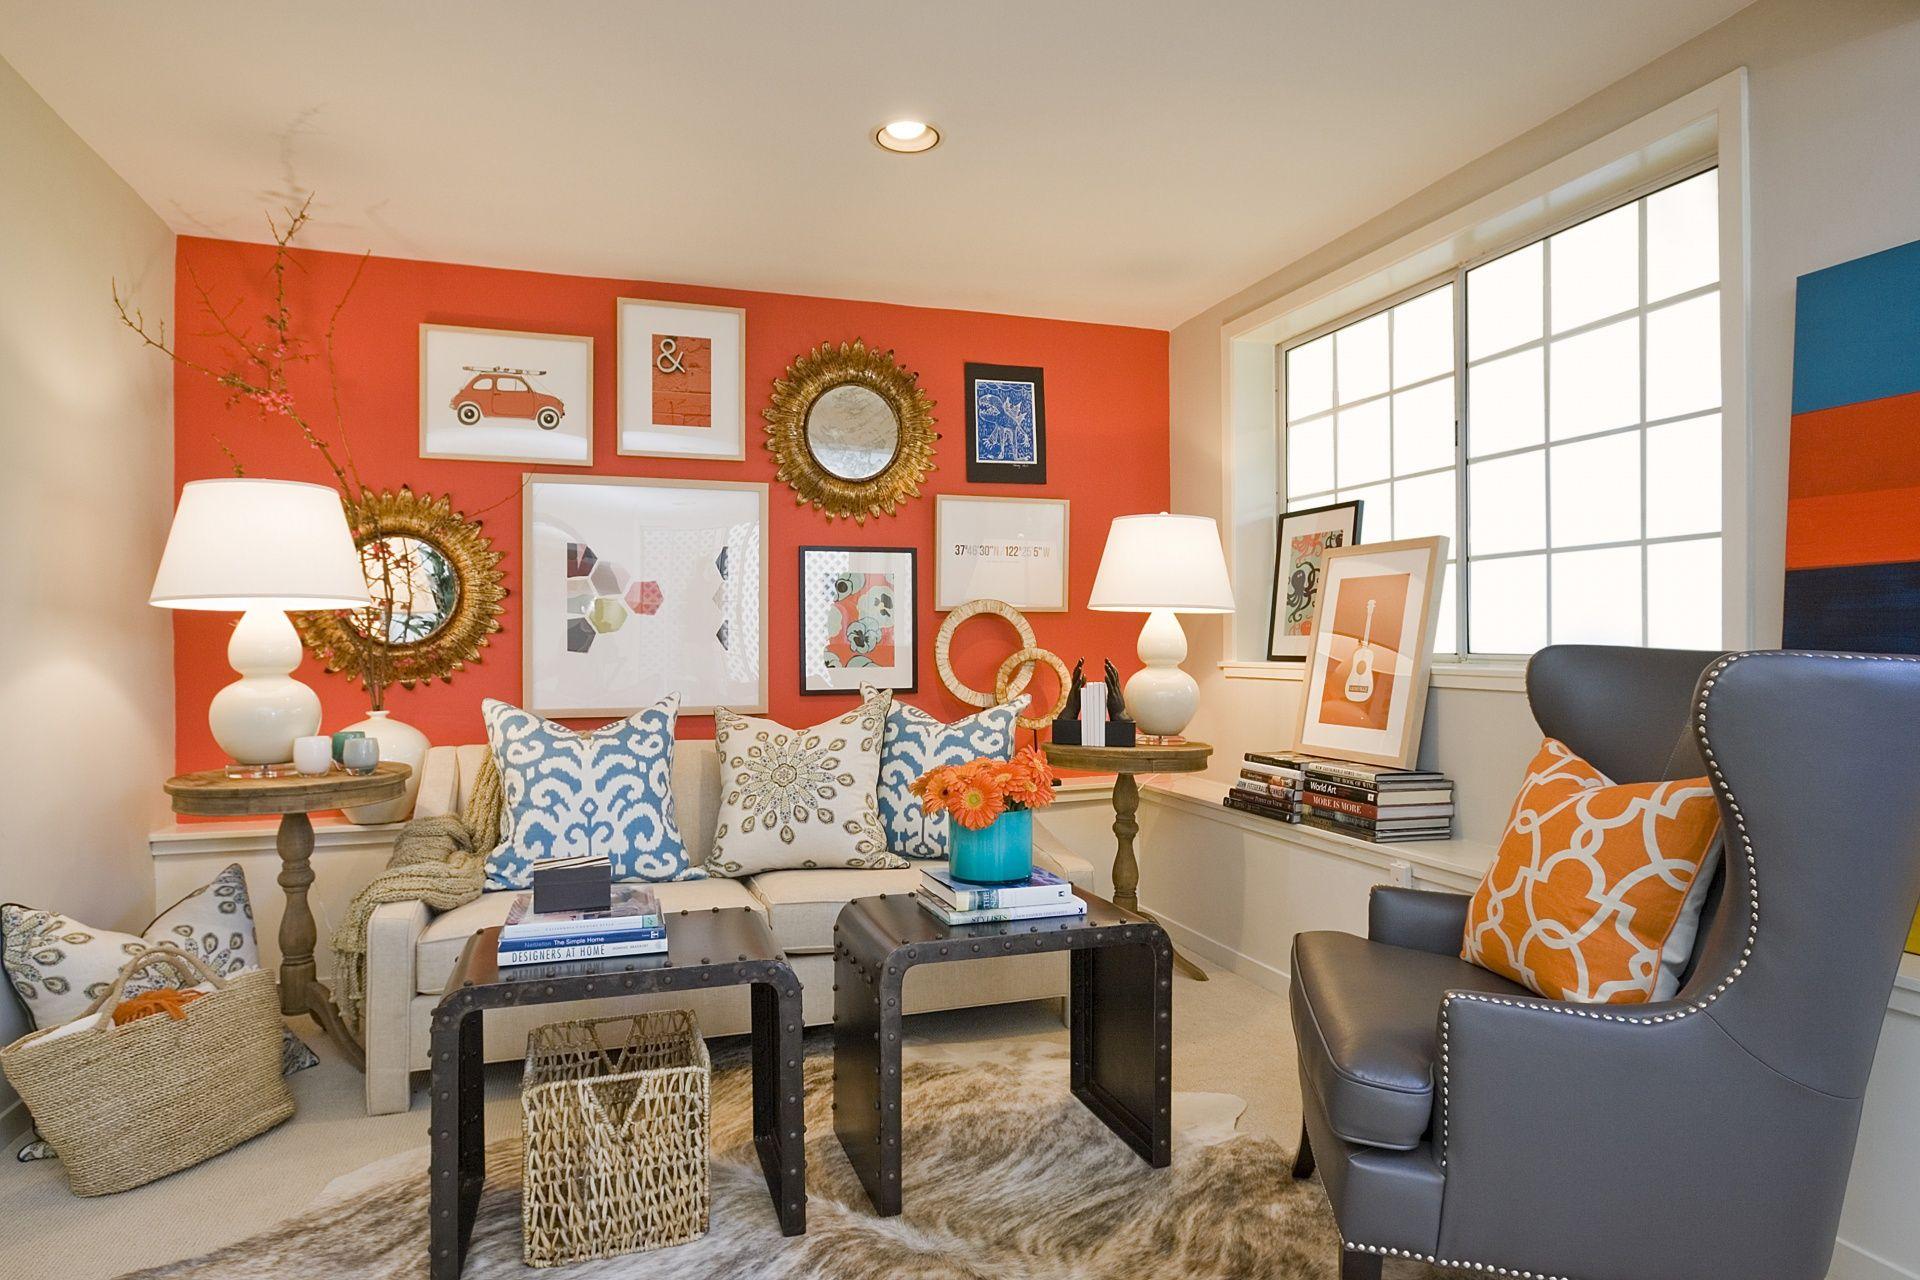 Persimmon punch tamara mack design interior design - Interior design san francisco bay area ...